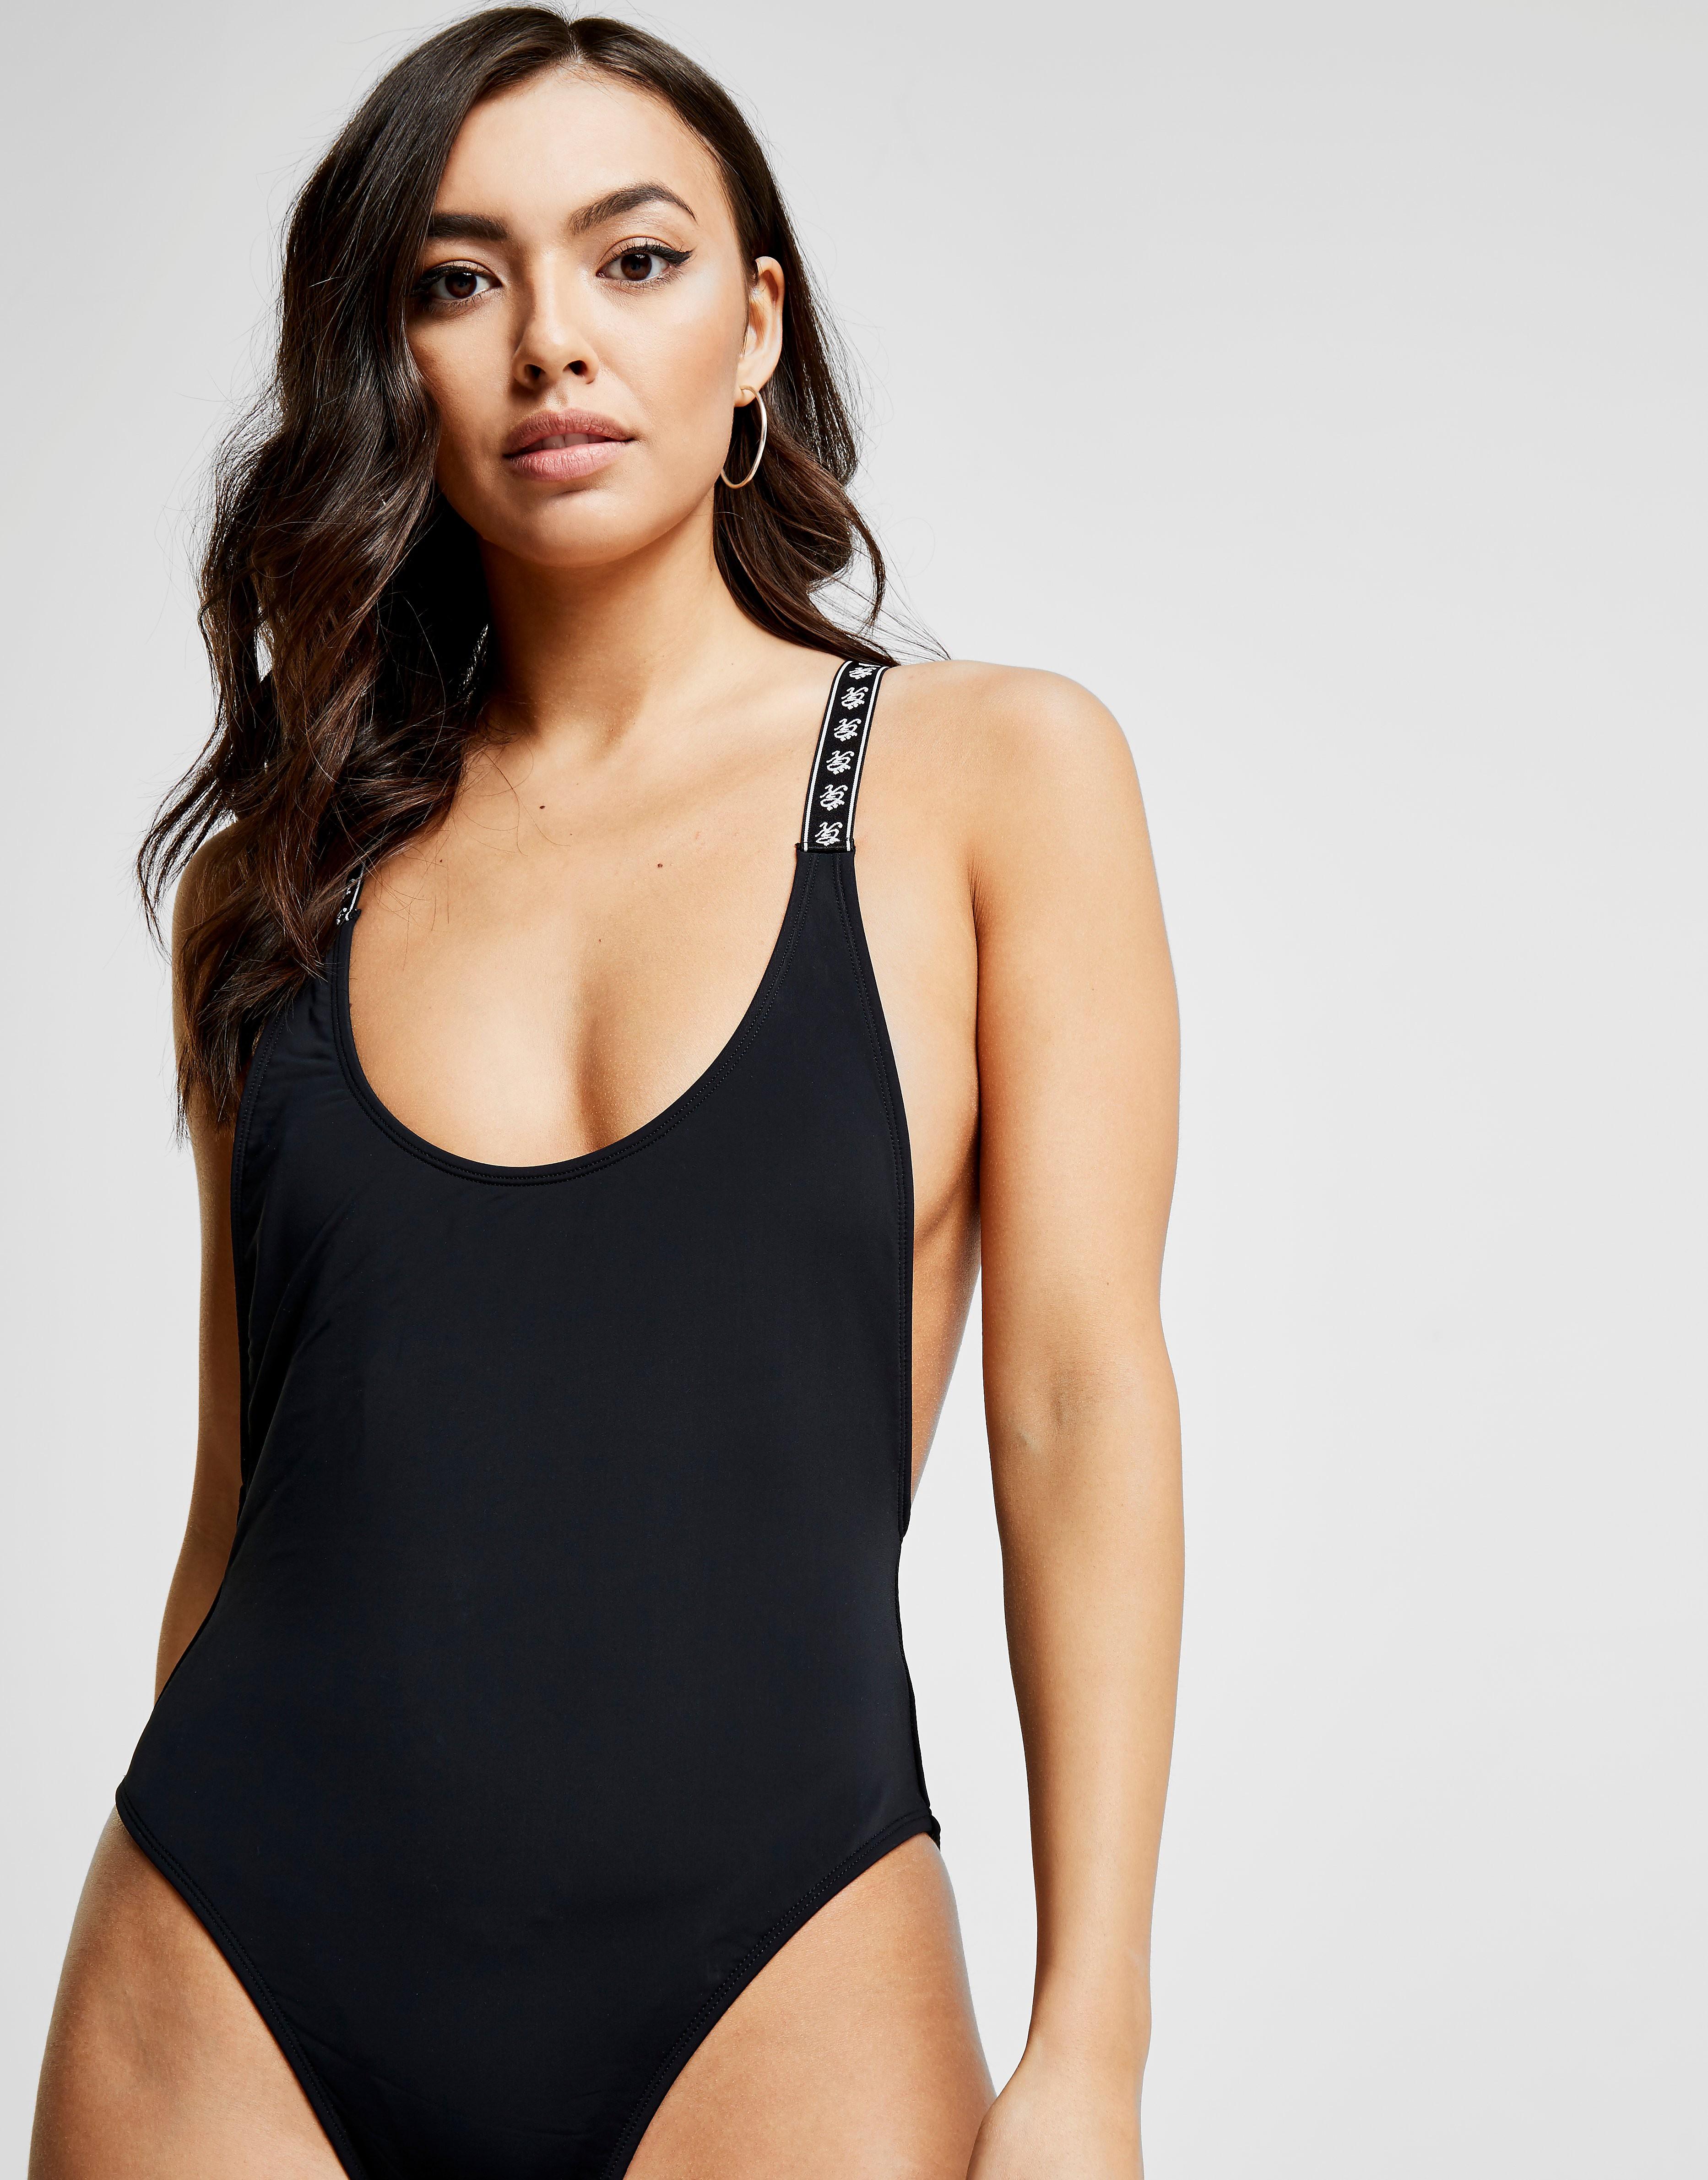 Gym King Tape Swimsuit - Zwart - Dames